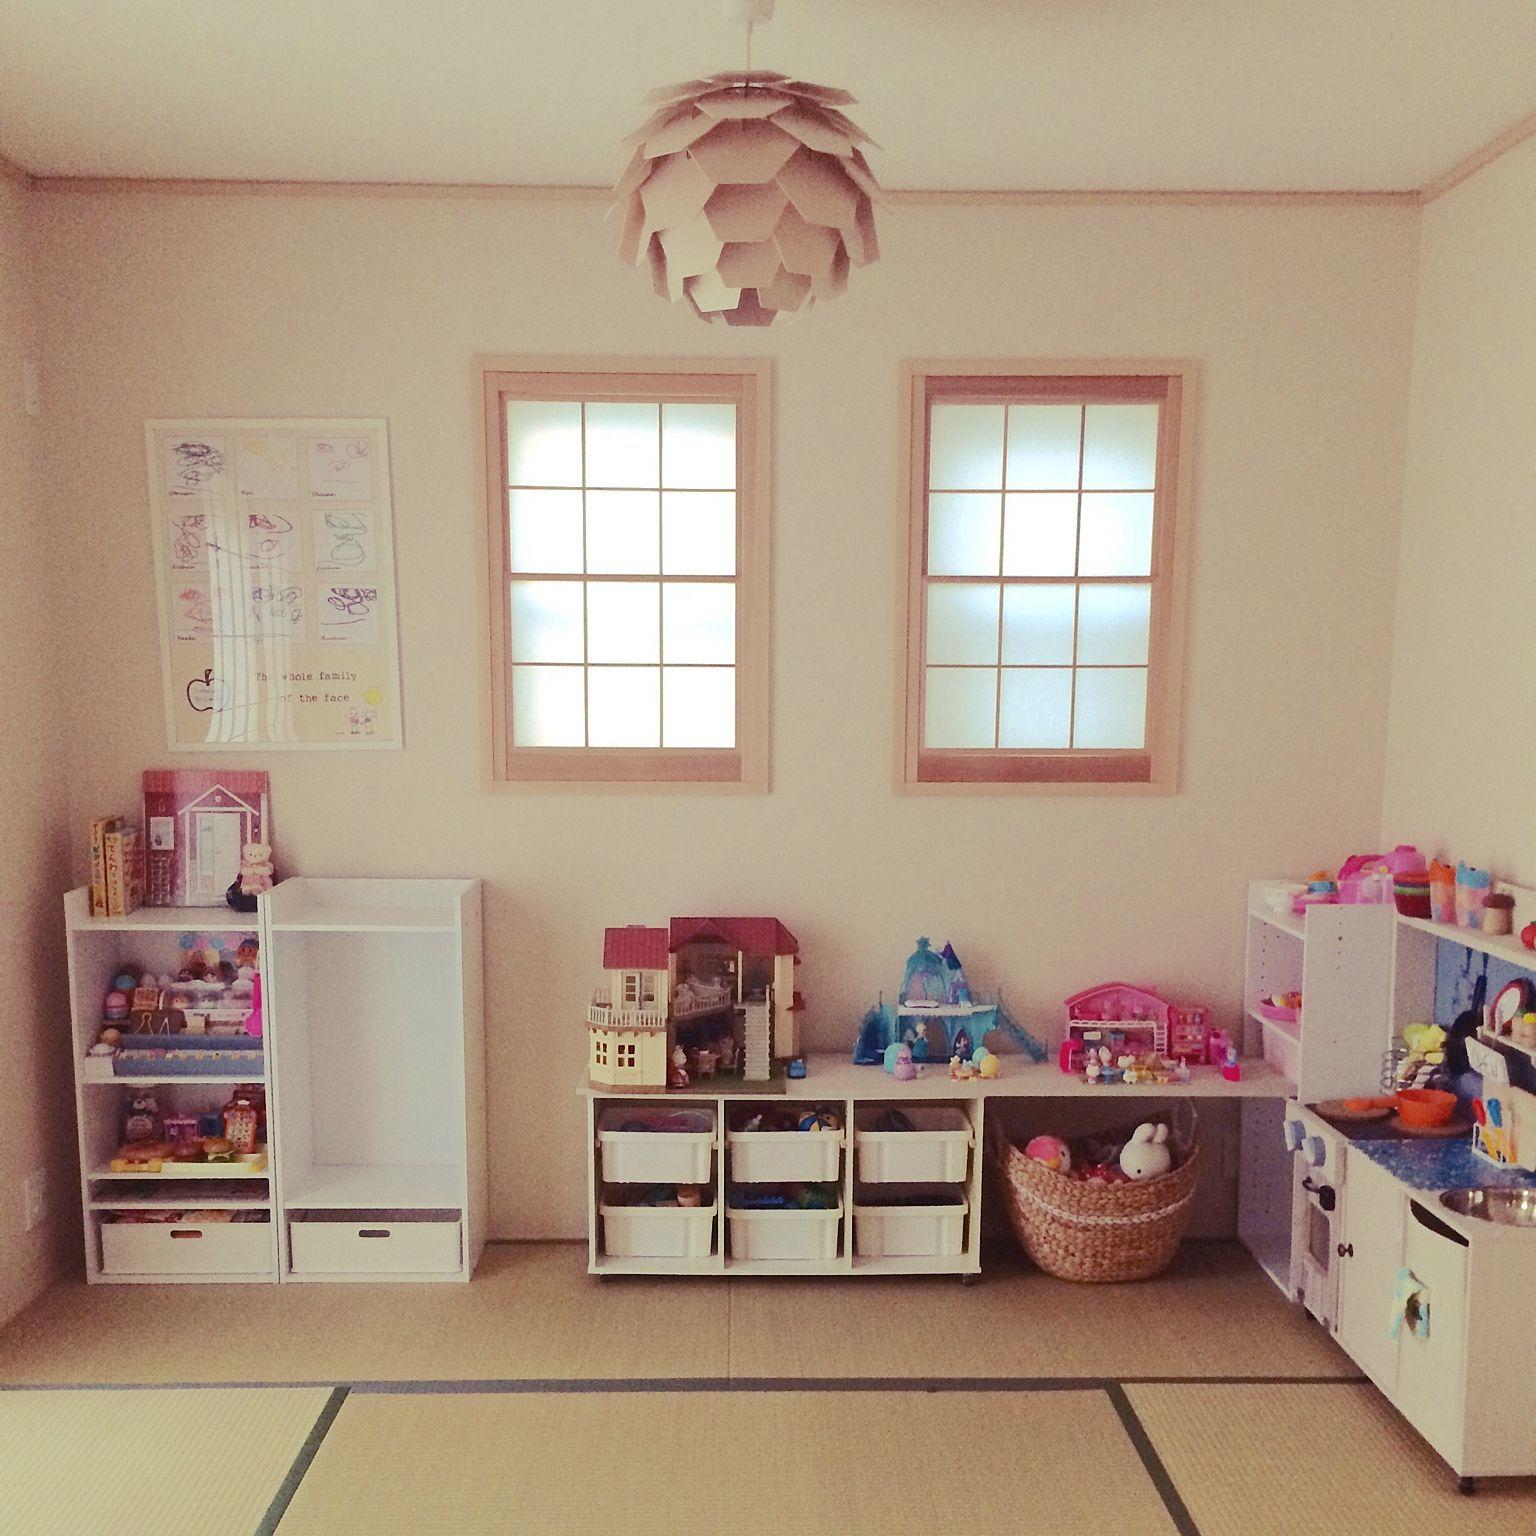 子供部屋ぬいぐるみ収納のインテリア実例 Roomclip ルームクリップ